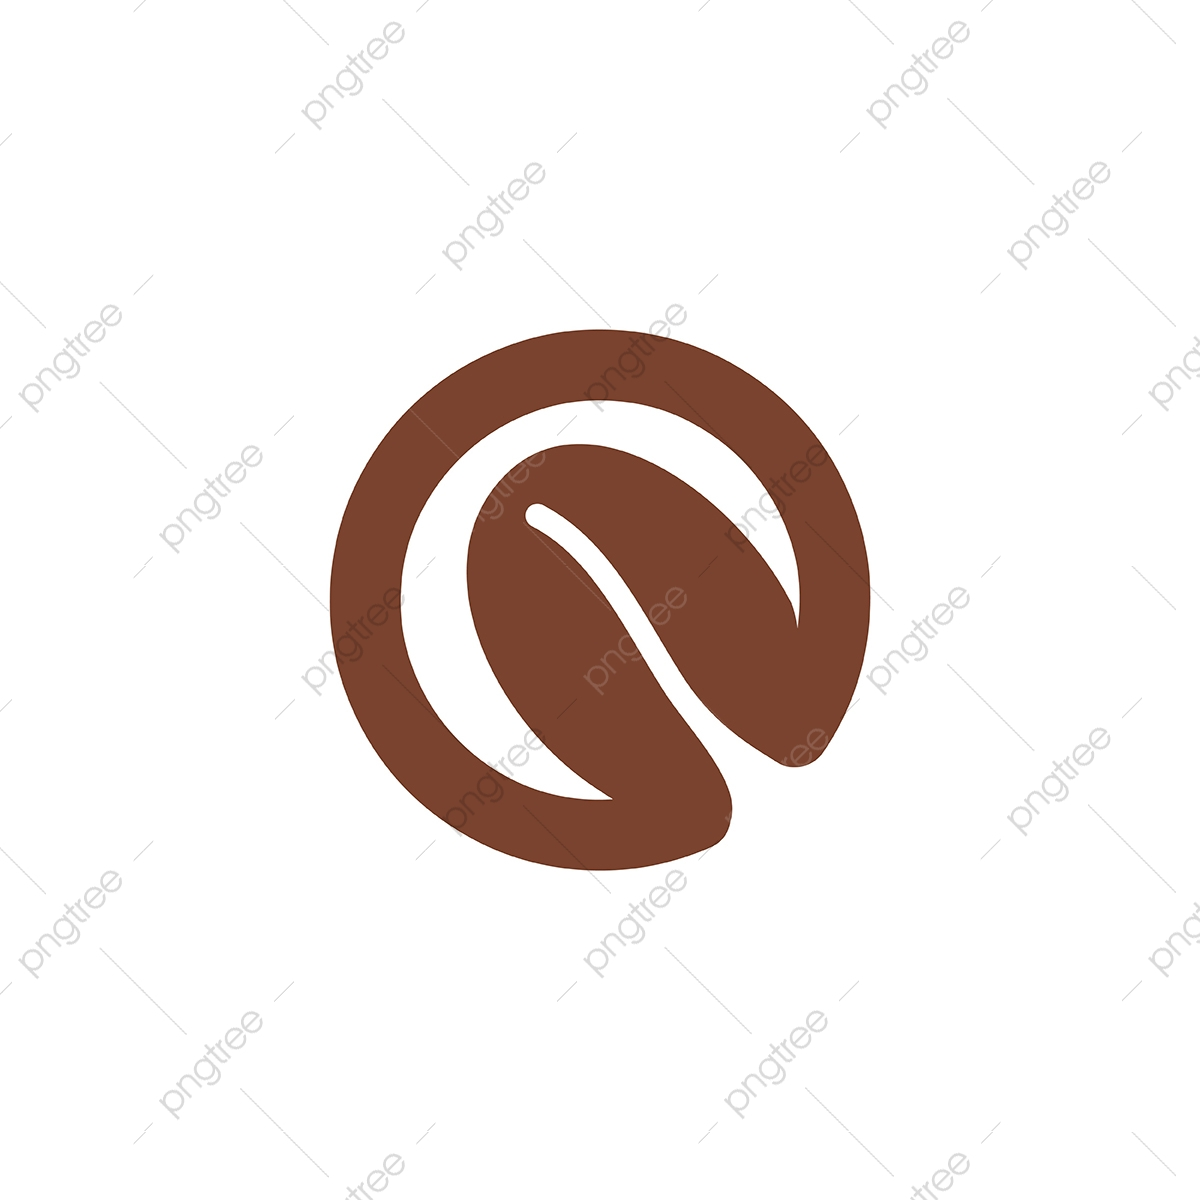 Gambar Surat O Dan Logo Biji Kopi Benih Merekam Inspirasi Terpencil Kopi Ikon Logo Ikon Ikon Huruf Png Dan Vektor Untuk Muat Turun Percuma